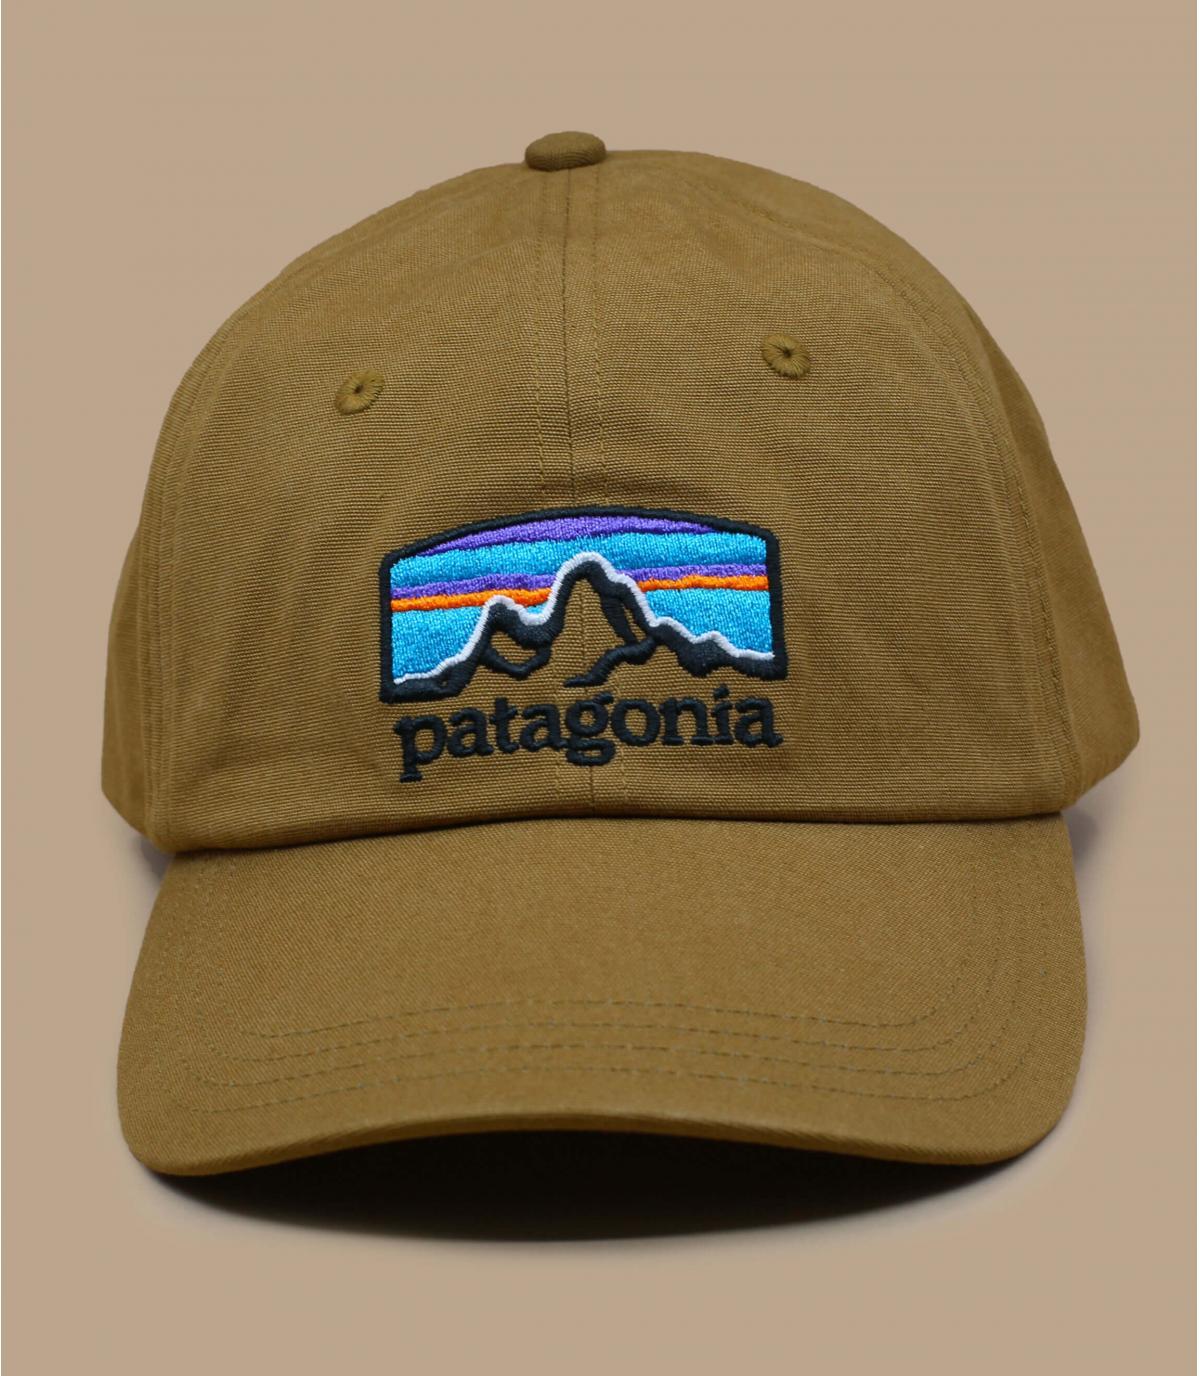 casquette Patagonia marron